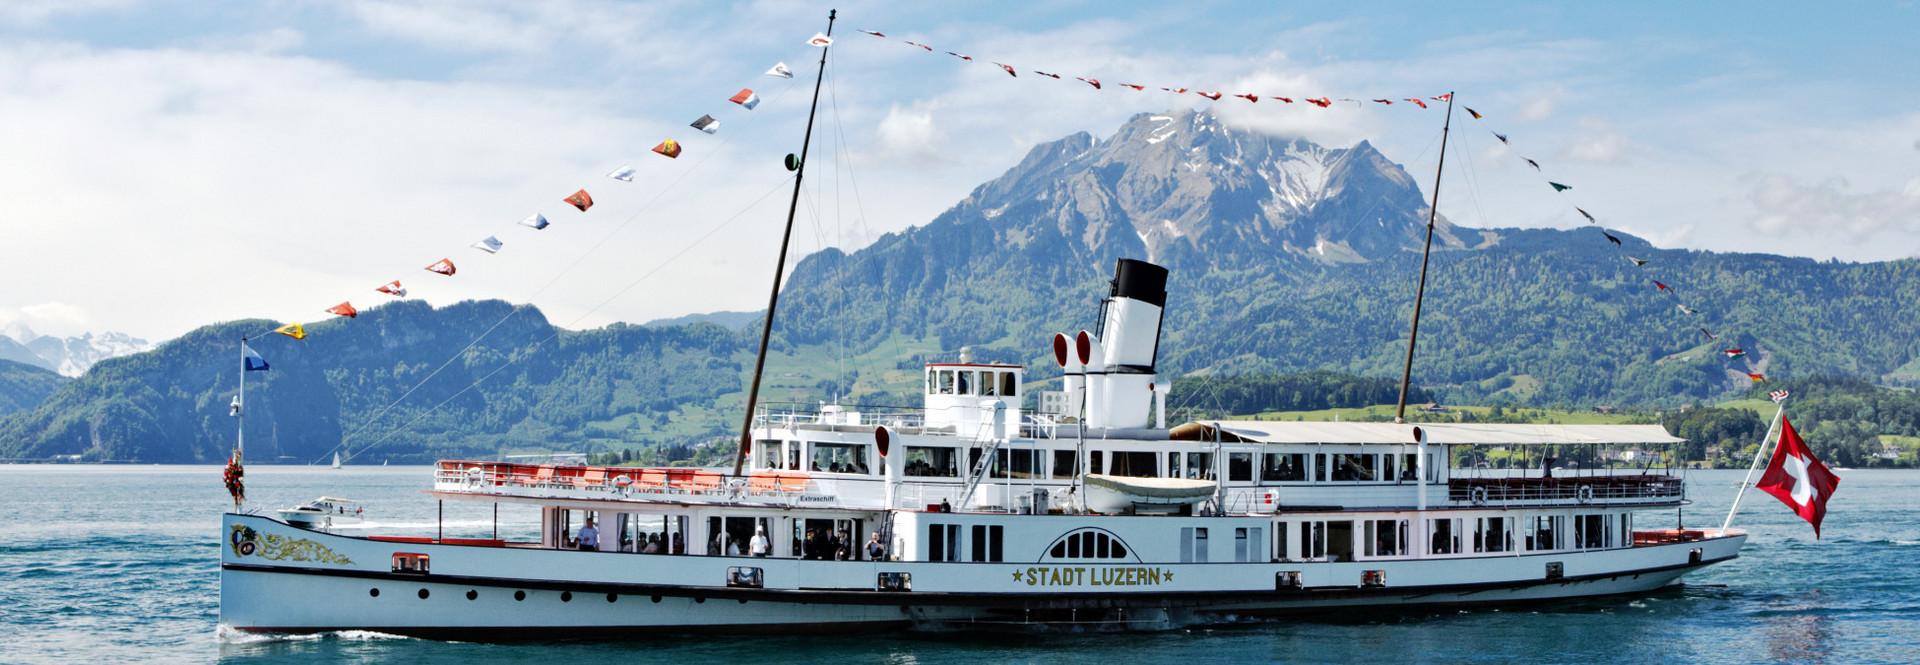 Das Dampfschiff Stadt Luzern seitlich vor dem Pilatus bei schönem Wetter.